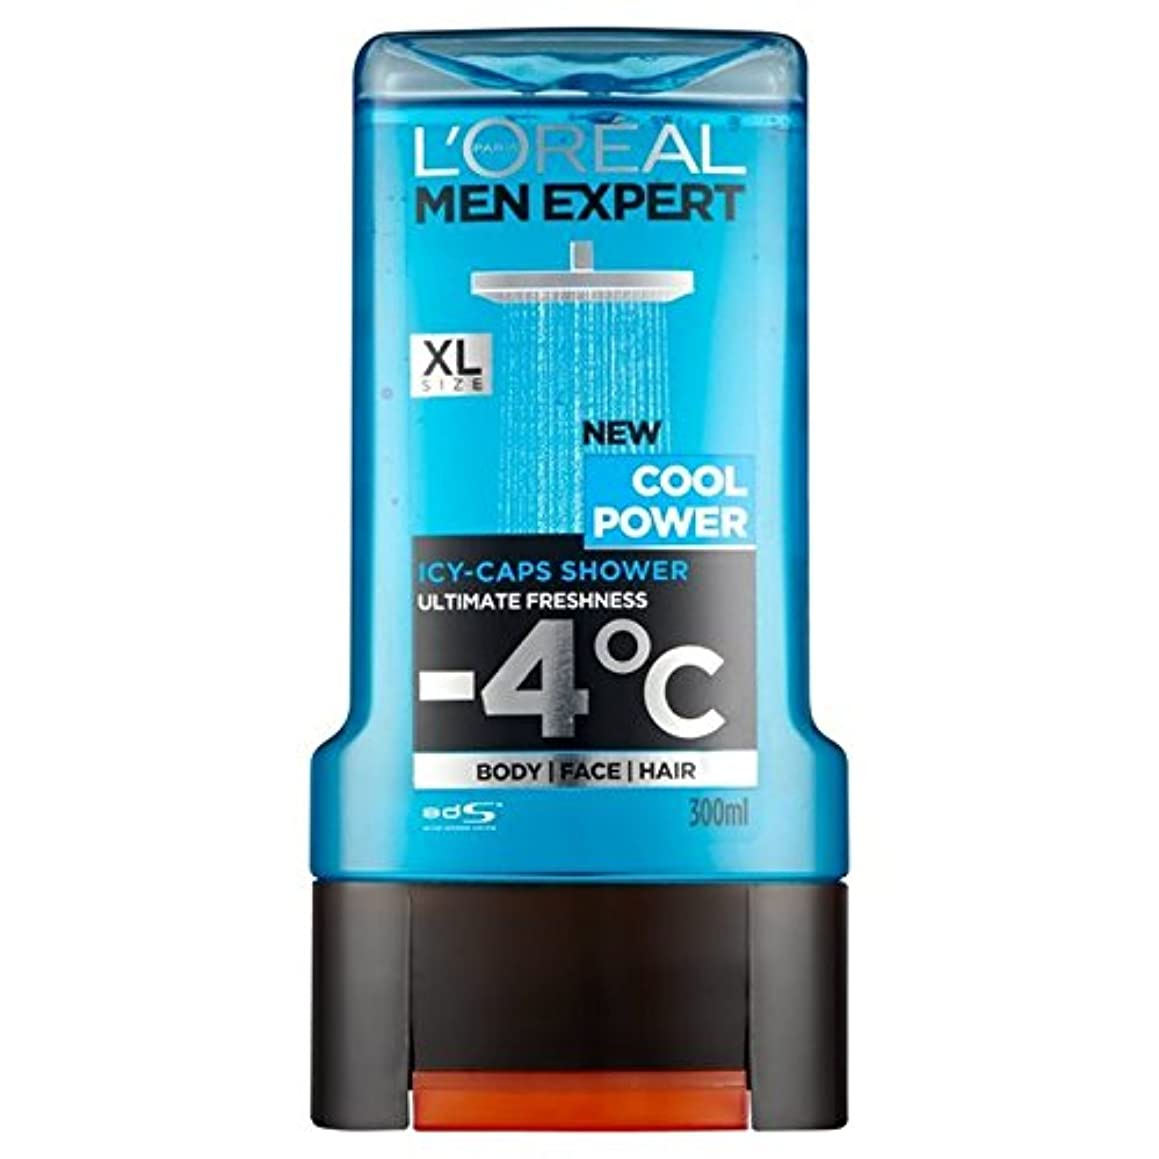 行動コック若さロレアルパリの男性の専門家のクールなパワーシャワージェル300ミリリットル x4 - L'Oreal Paris Men Expert Cool Power Shower Gel 300ml (Pack of 4) [並行輸入品]